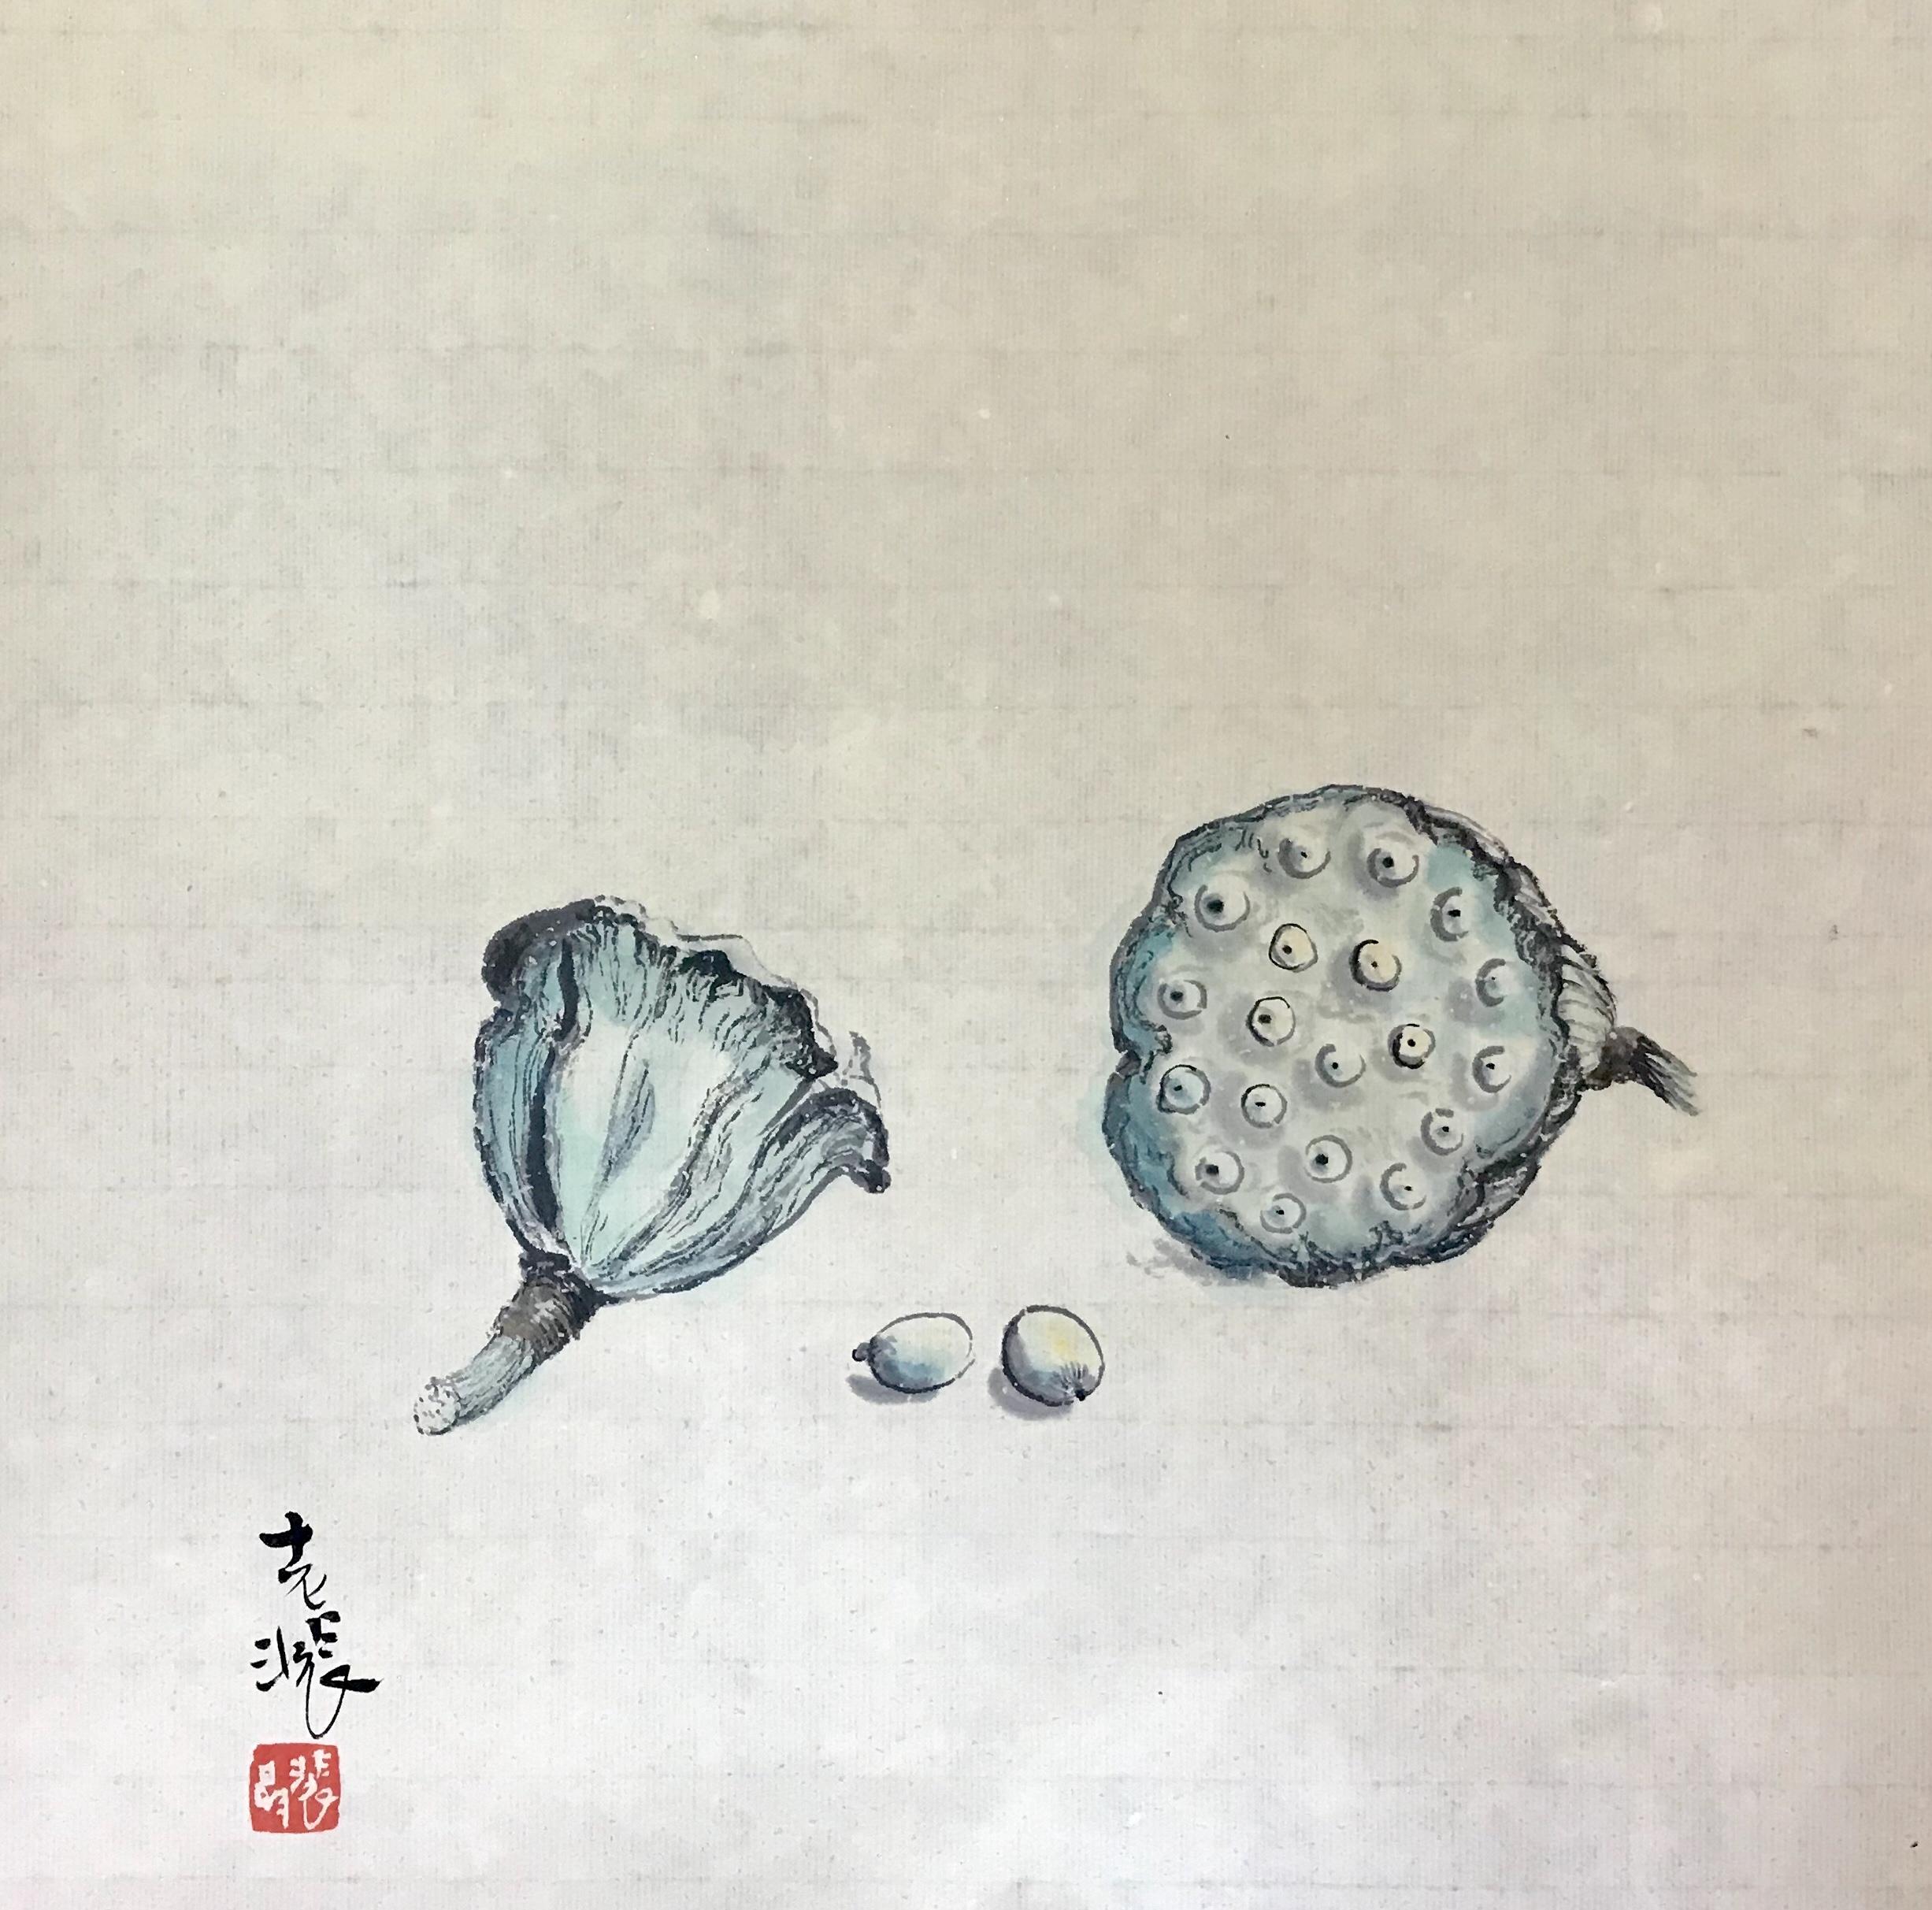 裴晶—《莲蓬》